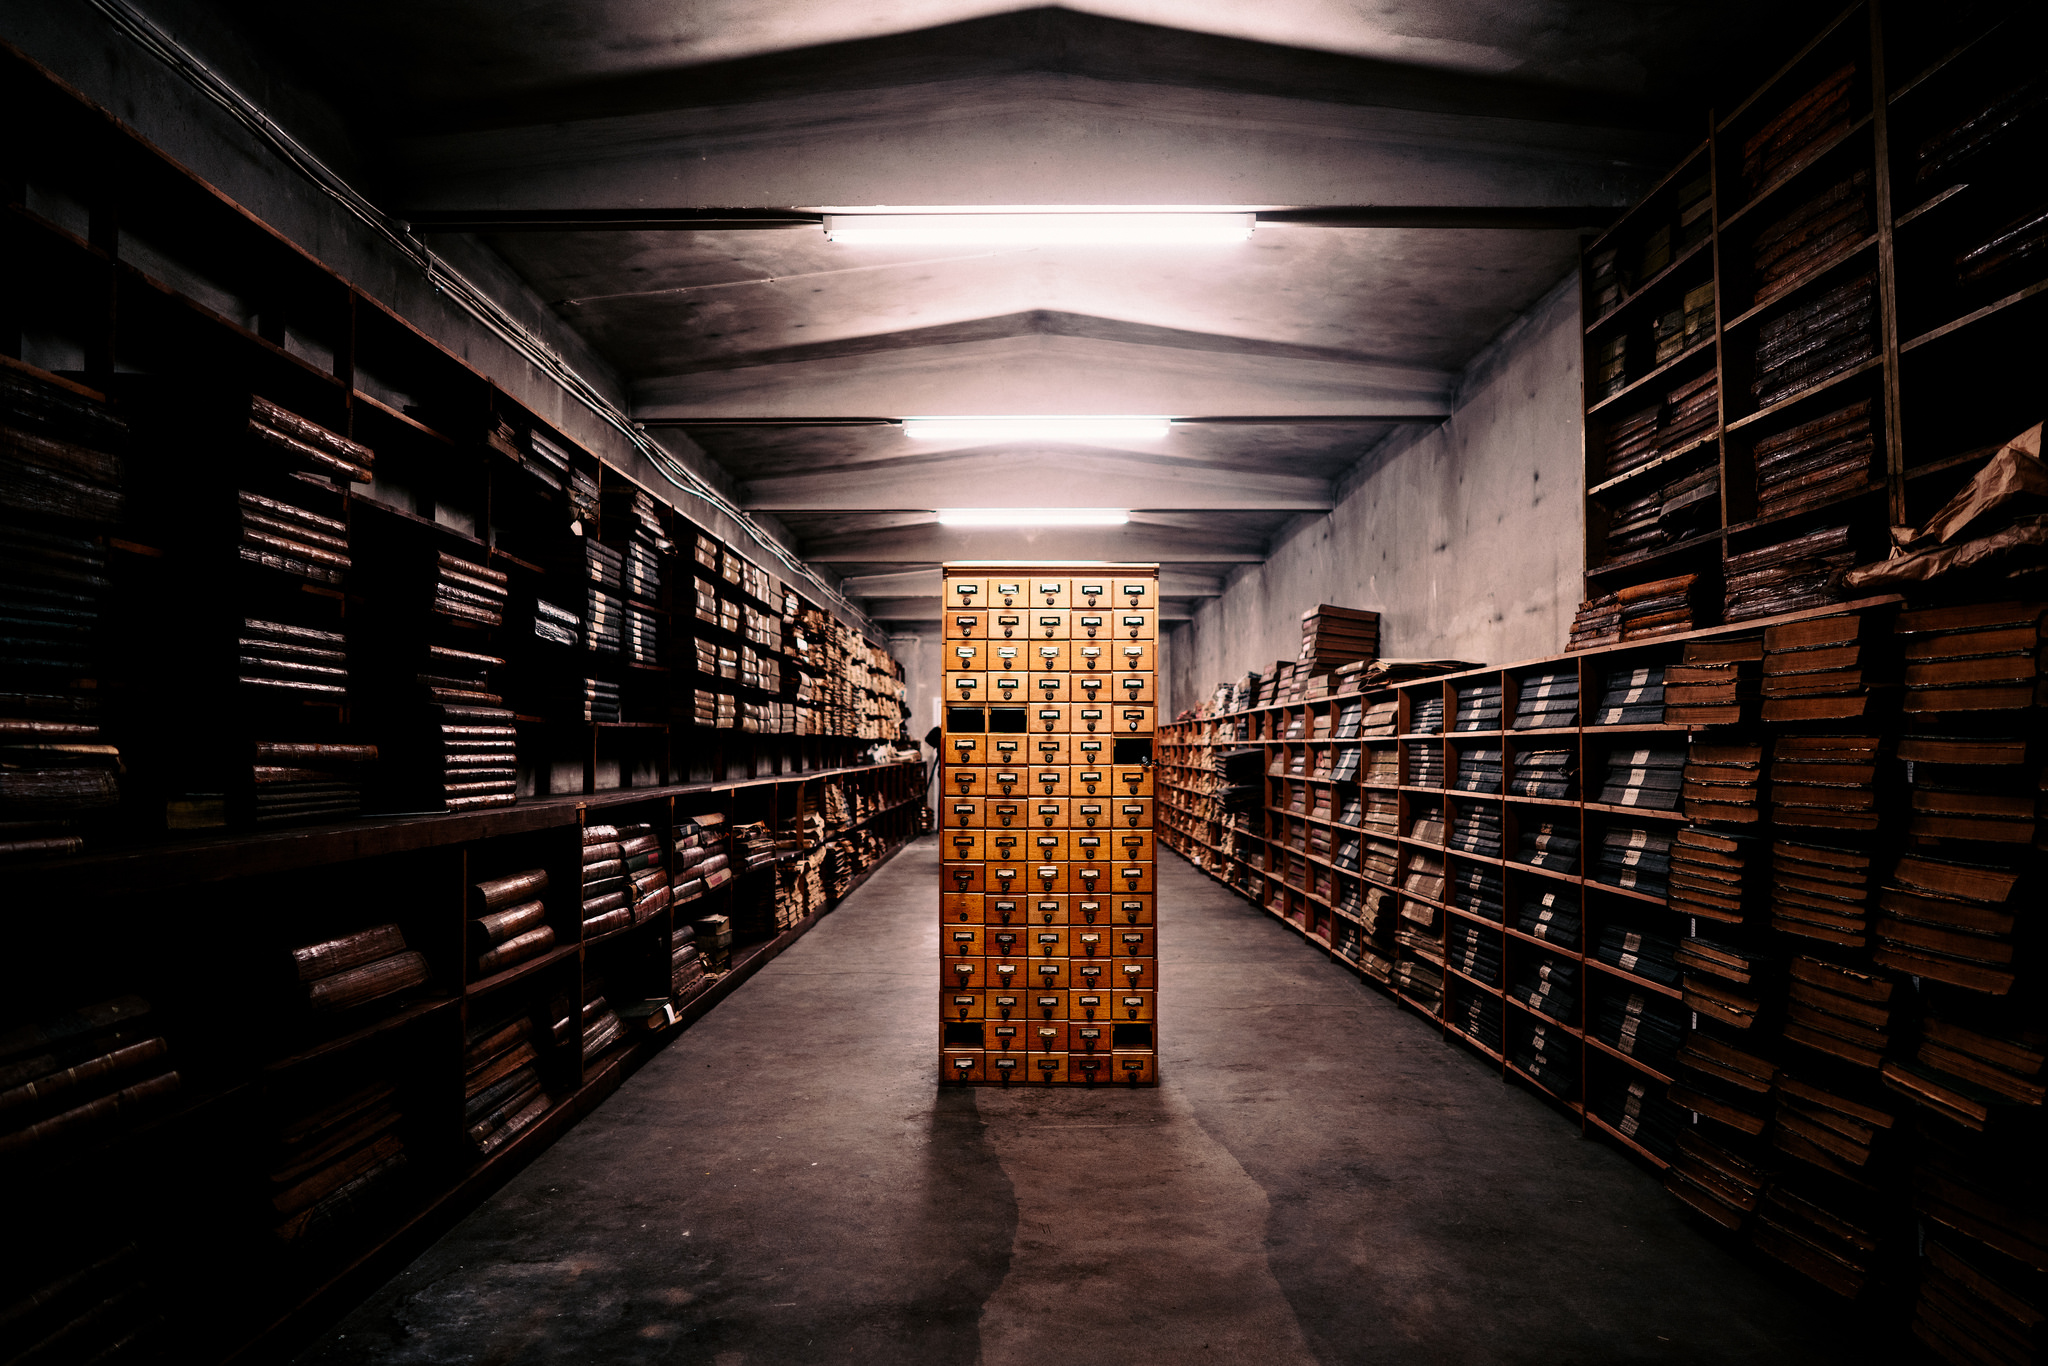 Bilde av et arkivskap og massevis av stabler med papirer.